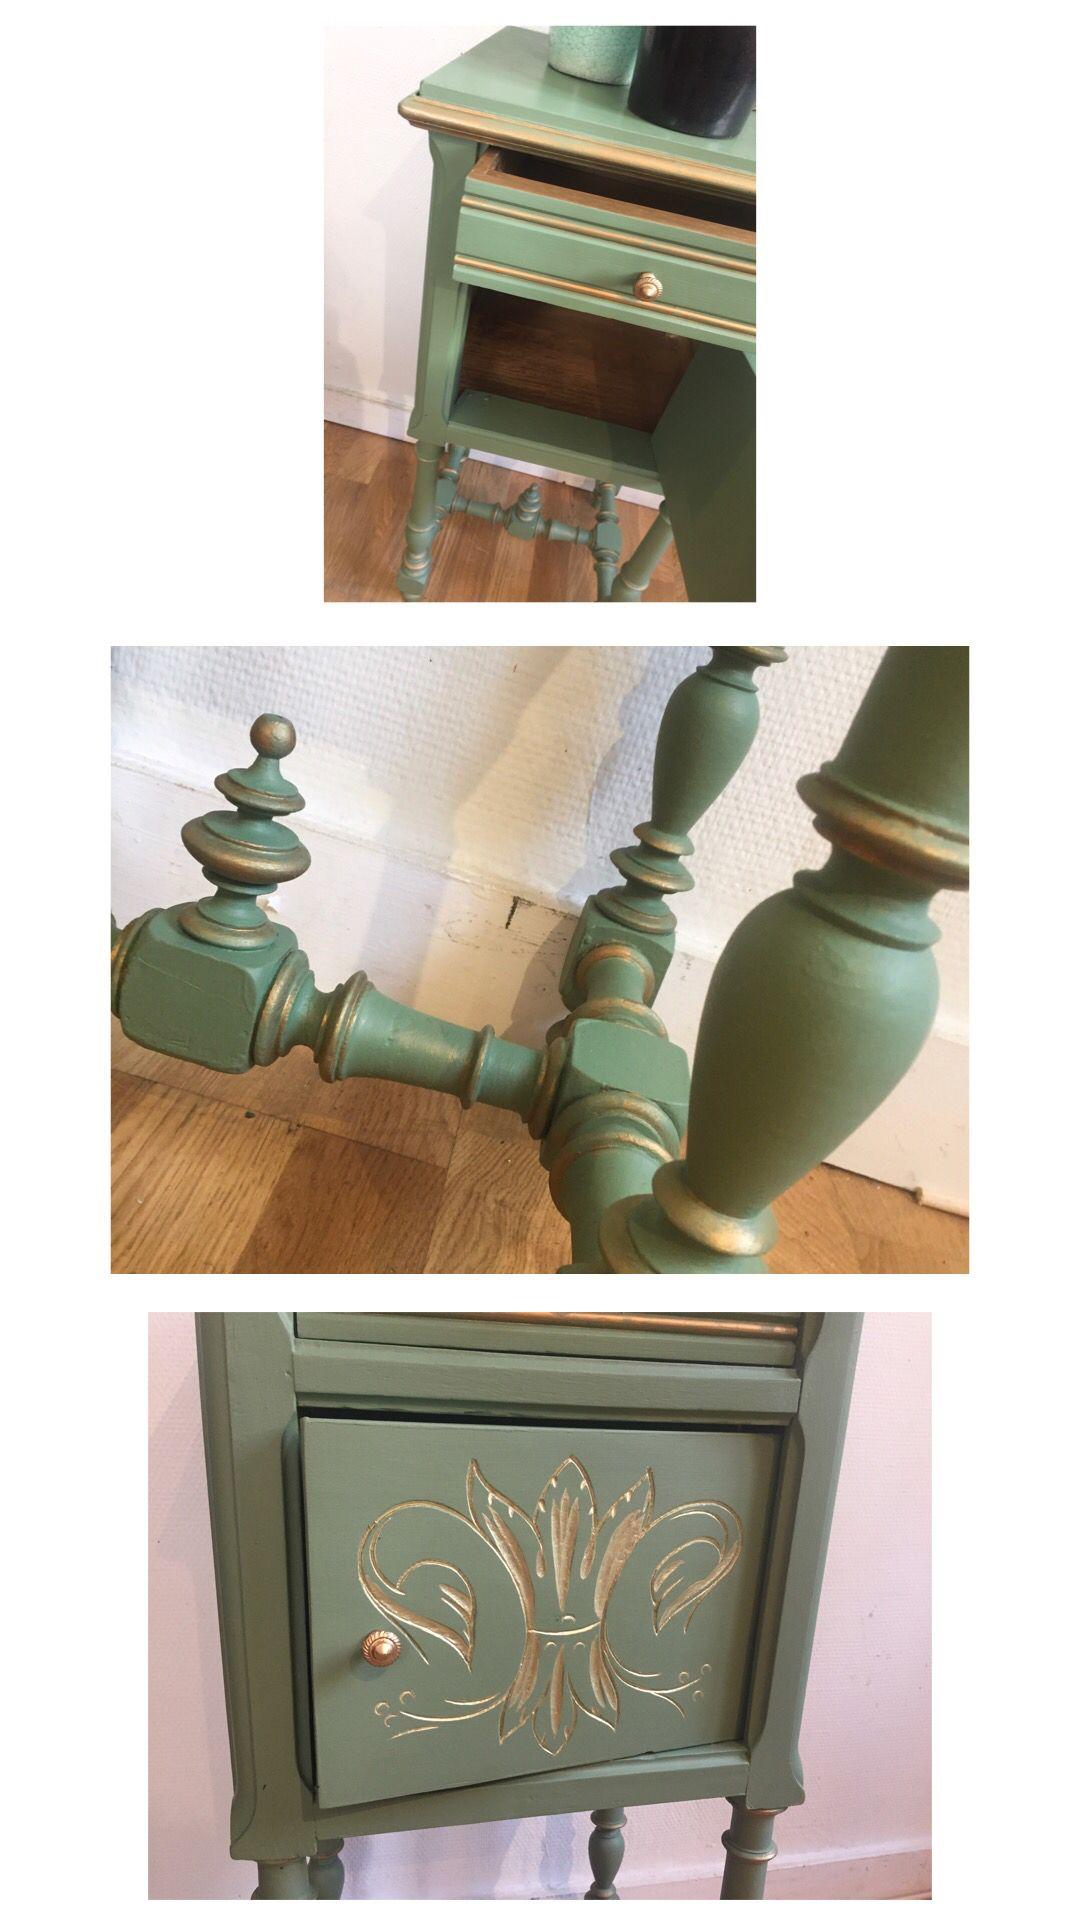 Chevet Ancien Relooke En Vert Amande Patine Doree Deco Peinture Relooking Meuble Relooker